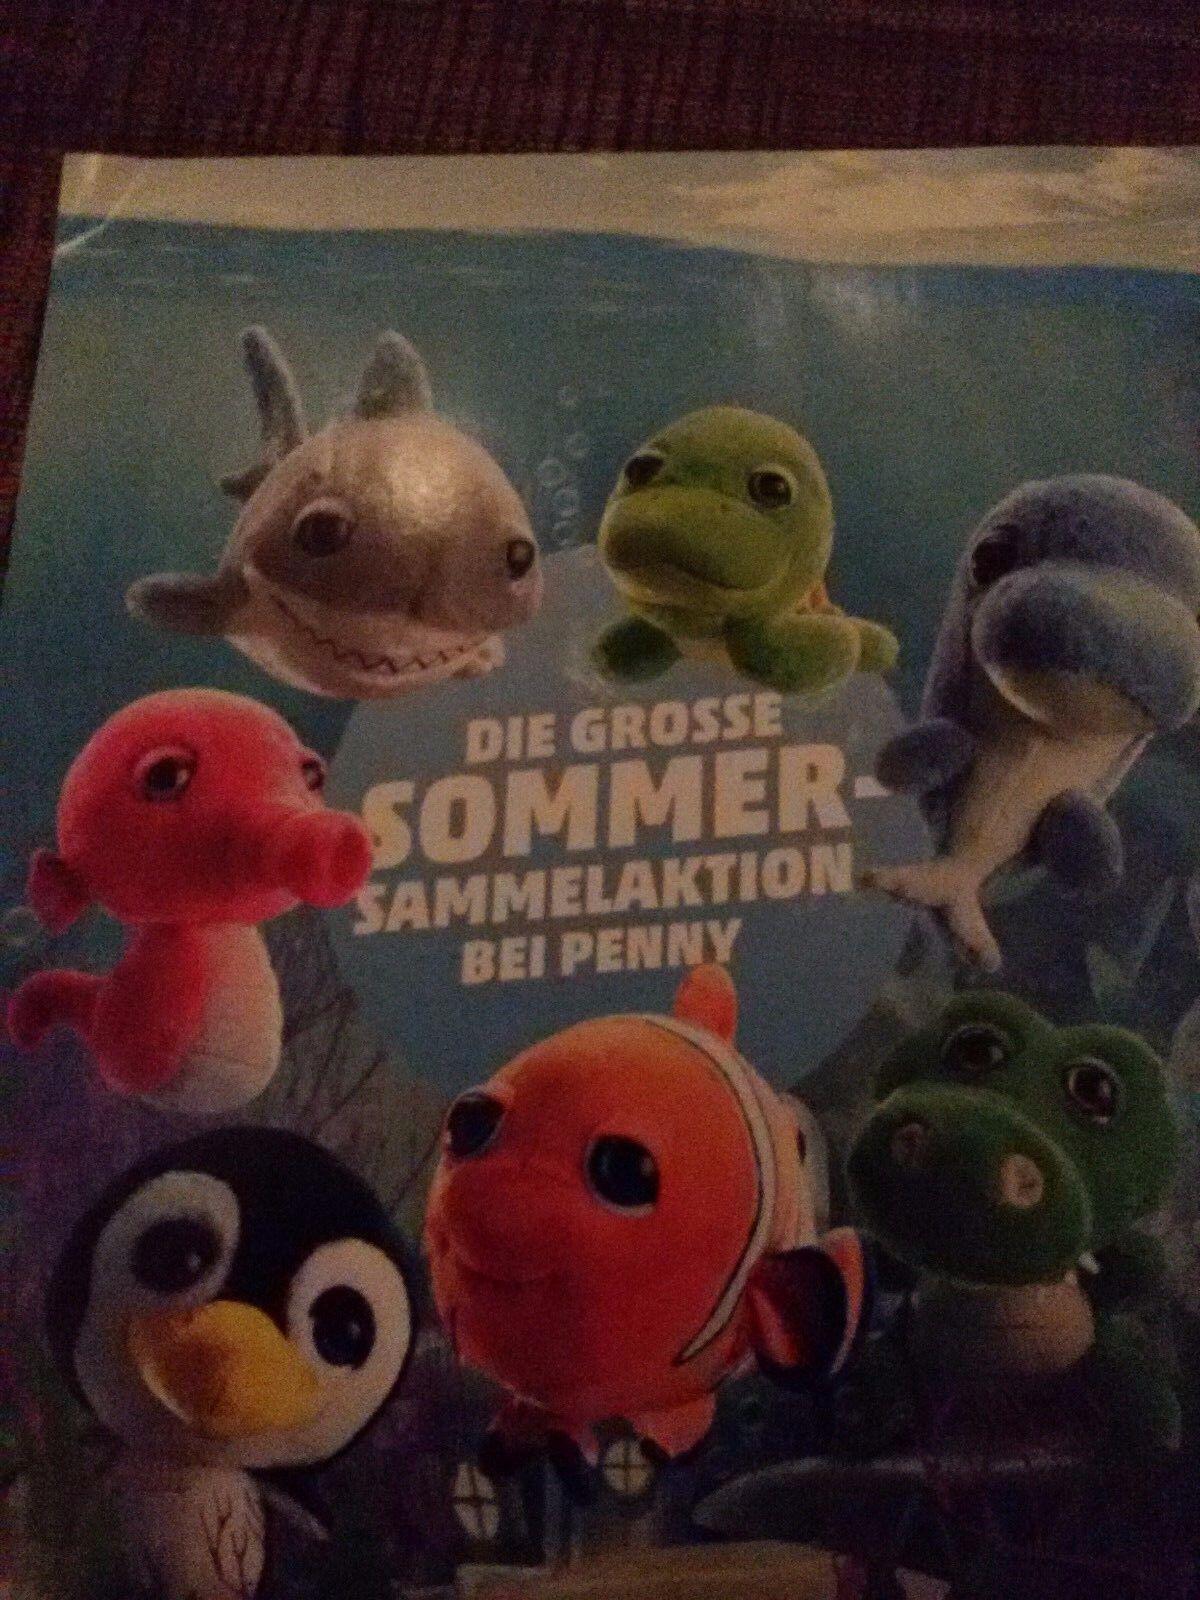 Penny Plüschtiere komplette Sammlung der Meeresbewohner 7 Stück